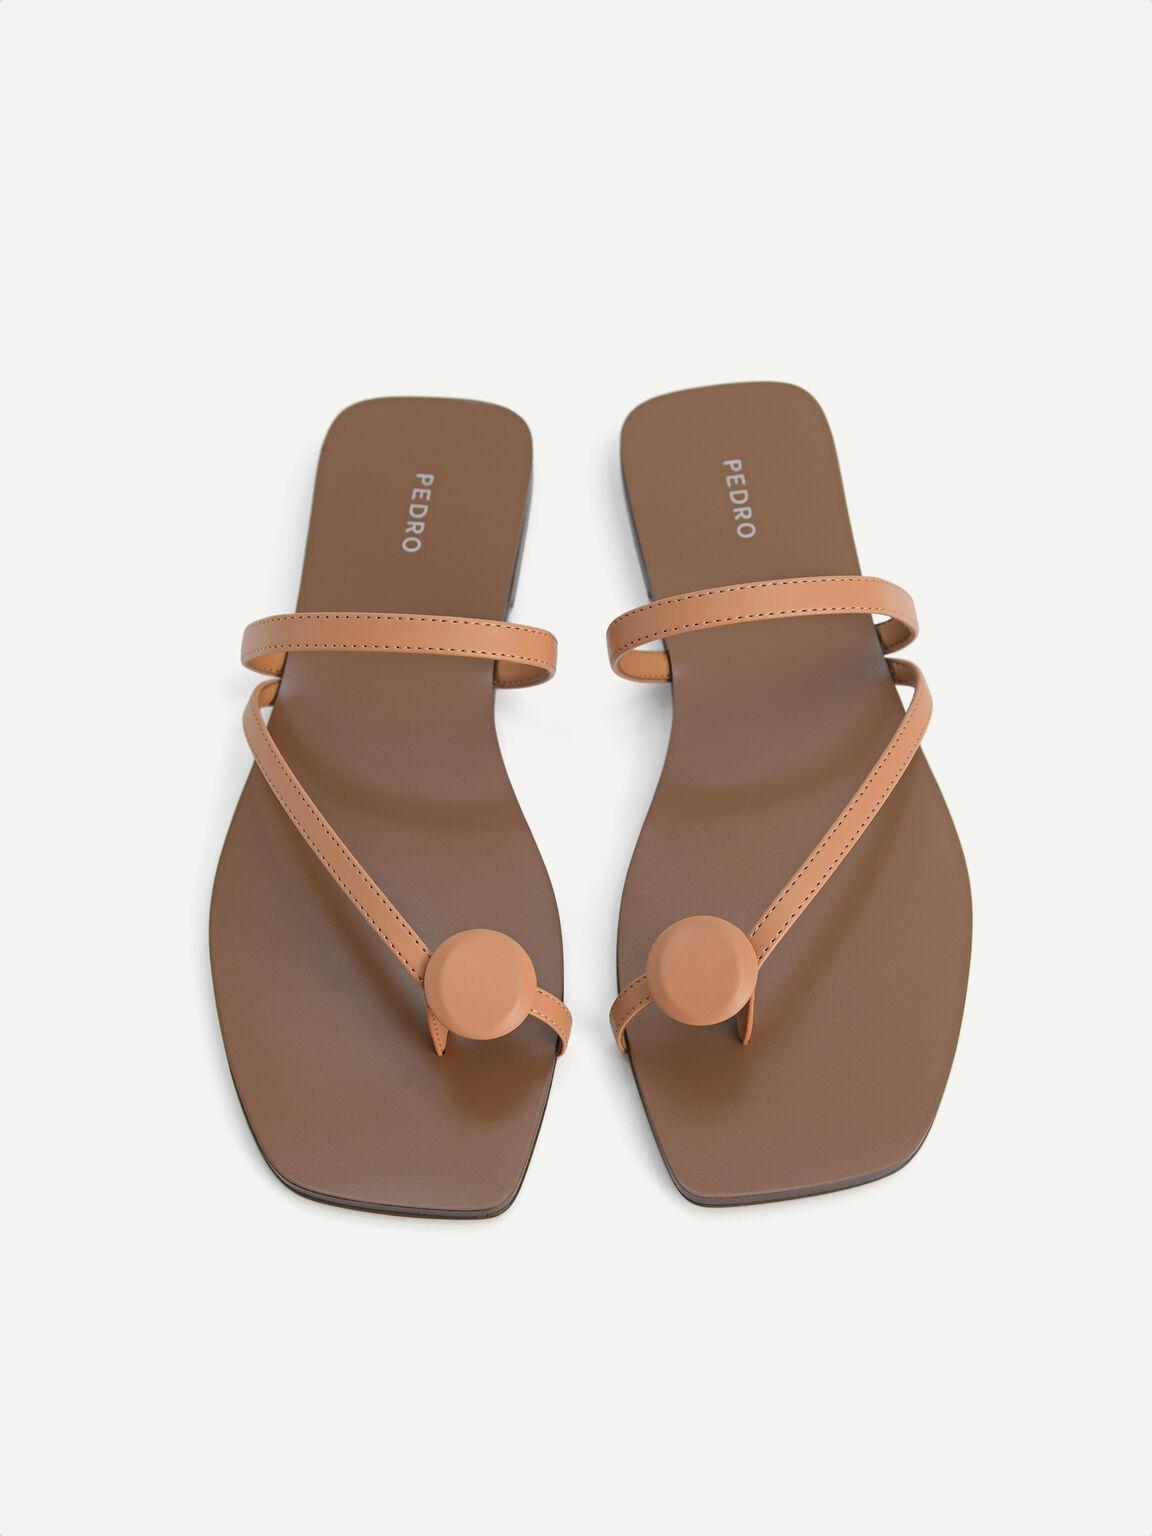 Toe Loop Sandals, Camel, hi-res